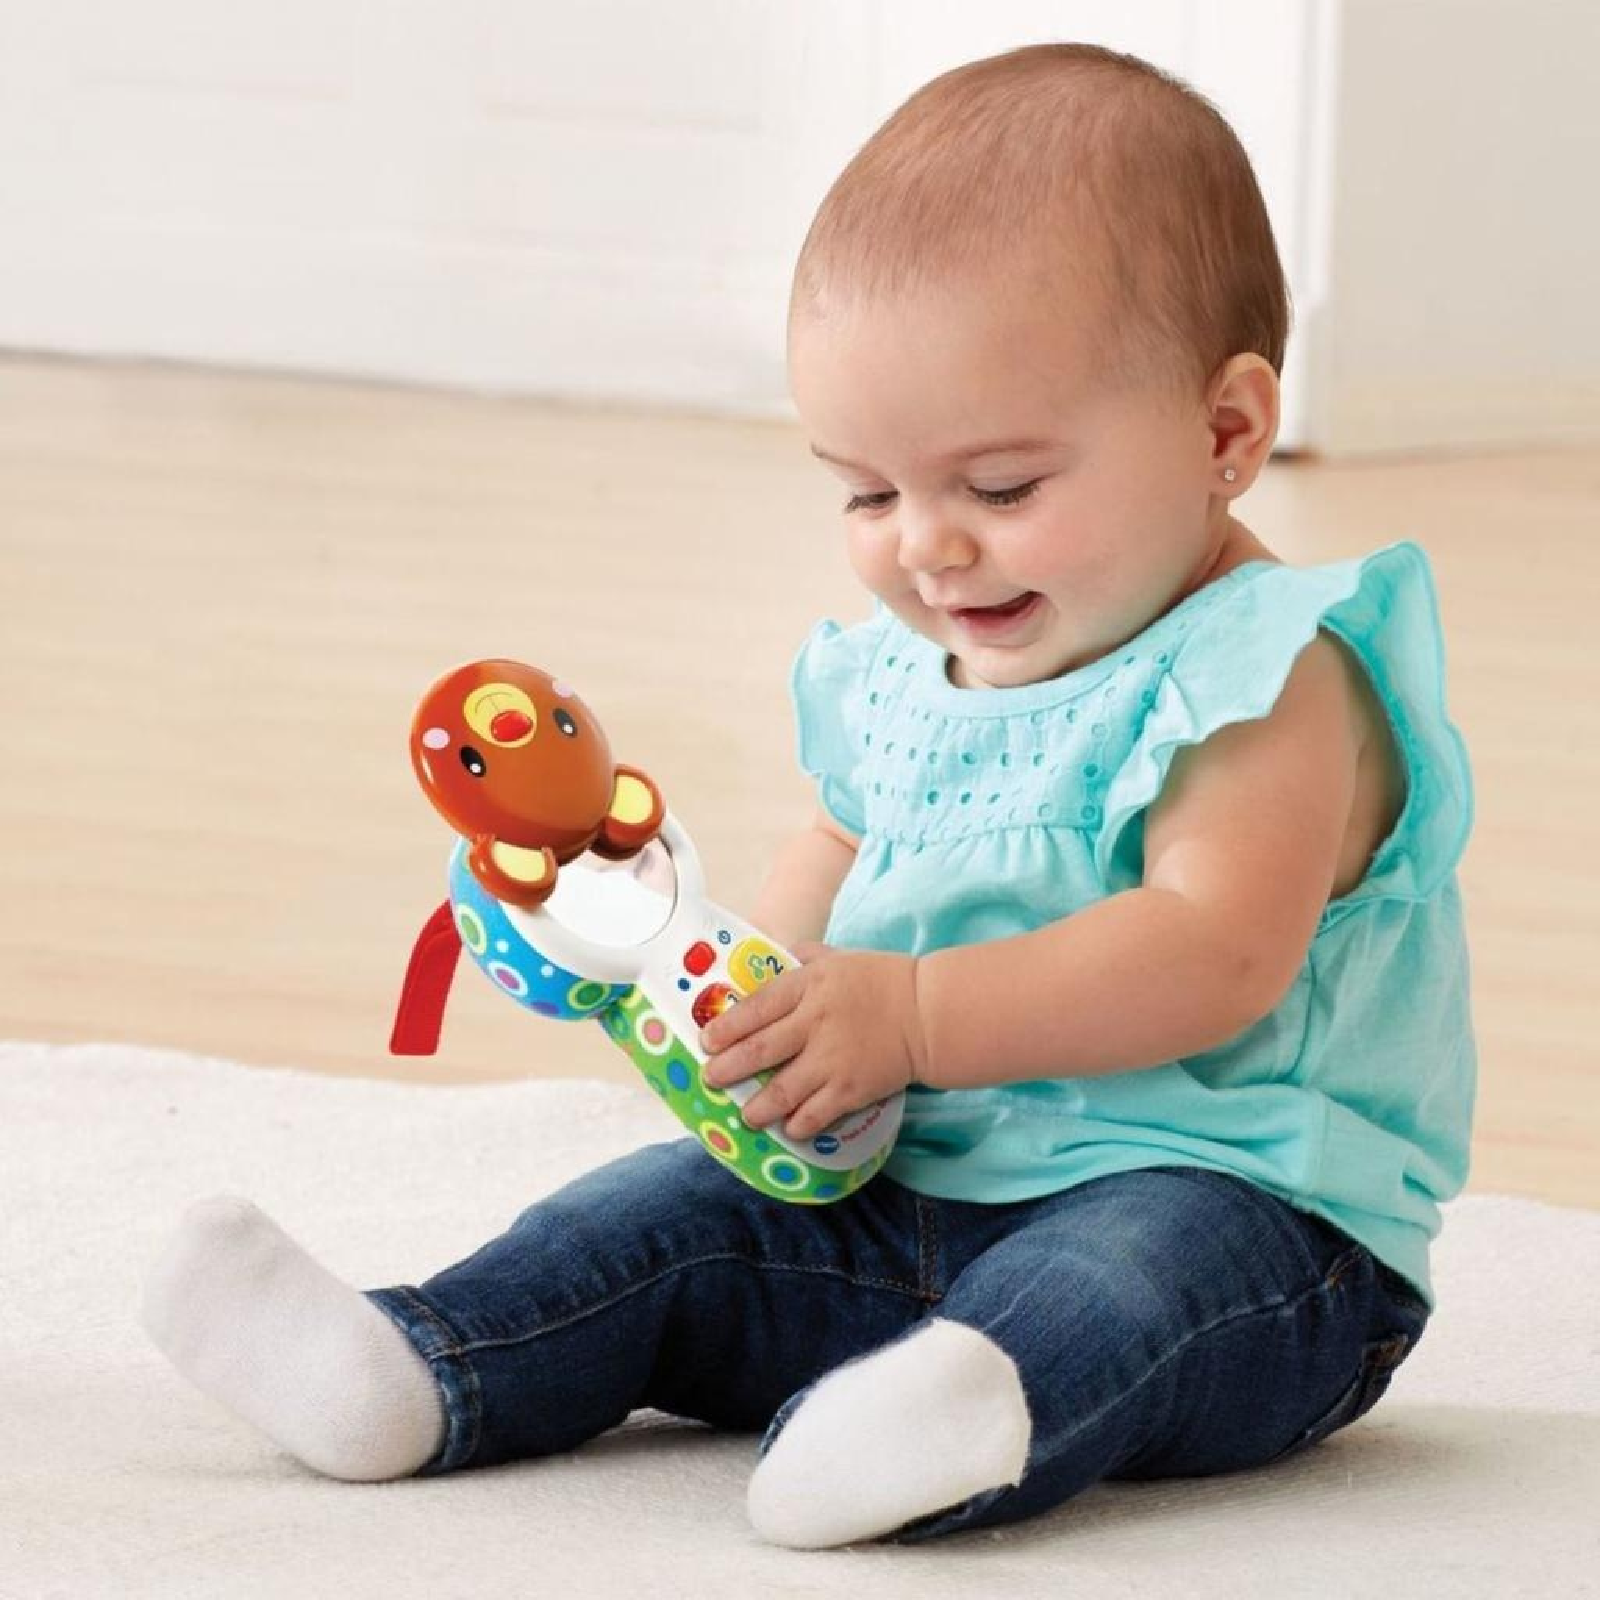 Развивающая игрушка VTech телефон Отвечай и играй со звуковыми эффектами (80-502726) изображение 4